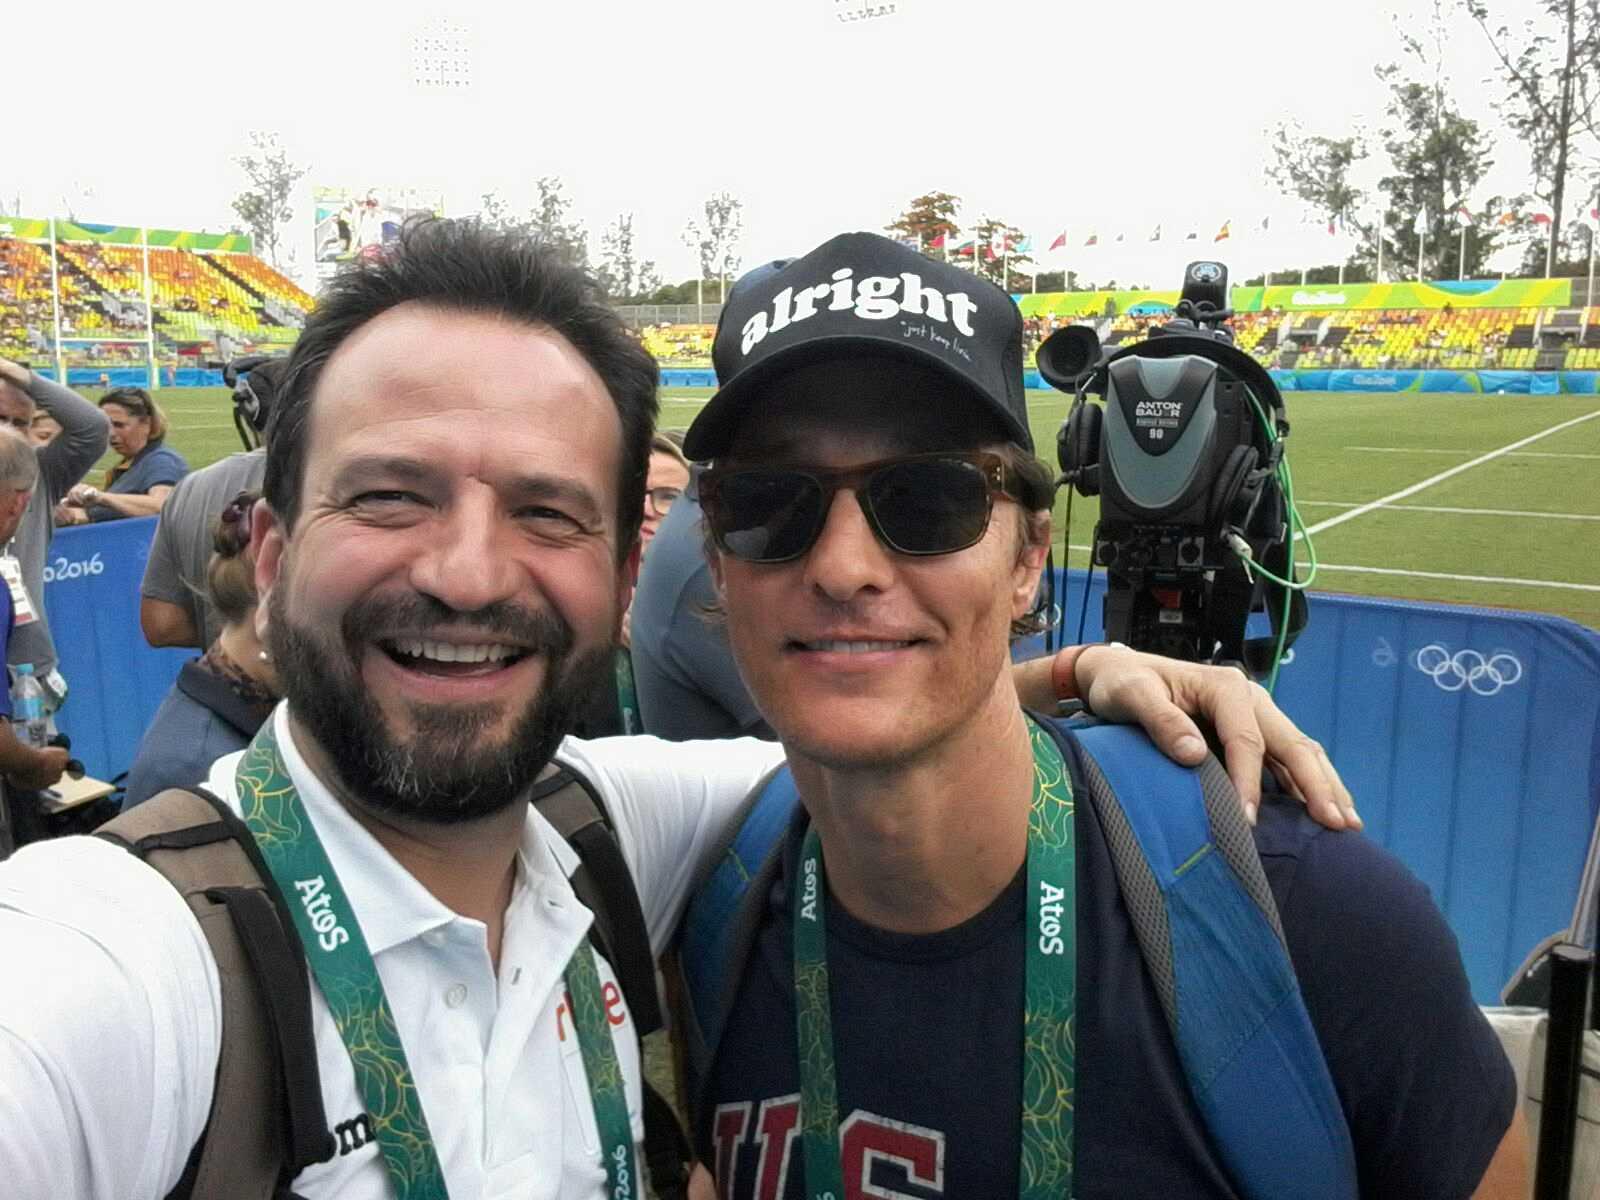 Juegos Olímpicos Río 2016 - Entrevista Matthew McConaughey